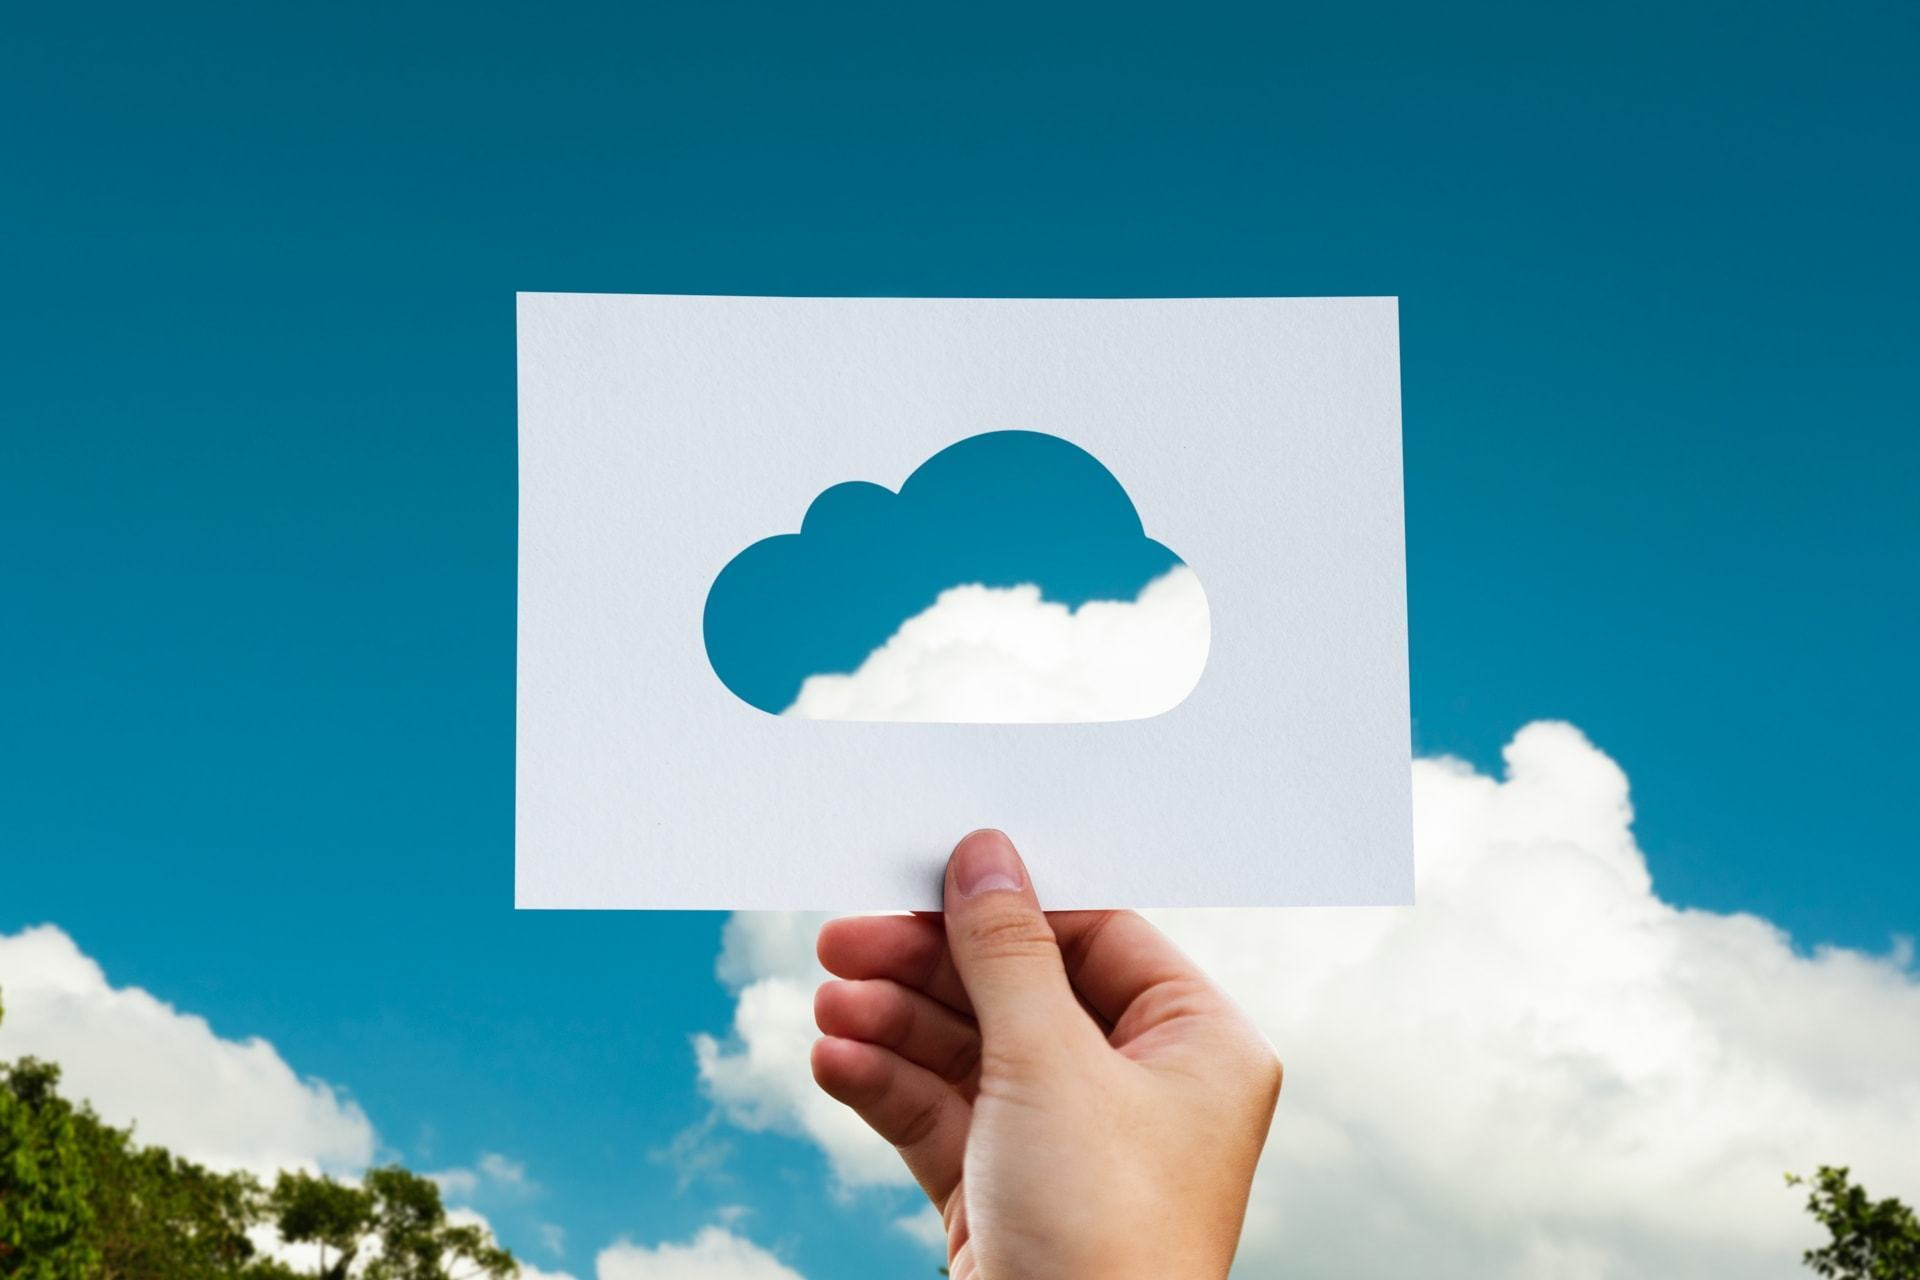 Cibersegurança: Como proteger arquivos armazenados nos ambientes em nuvem?